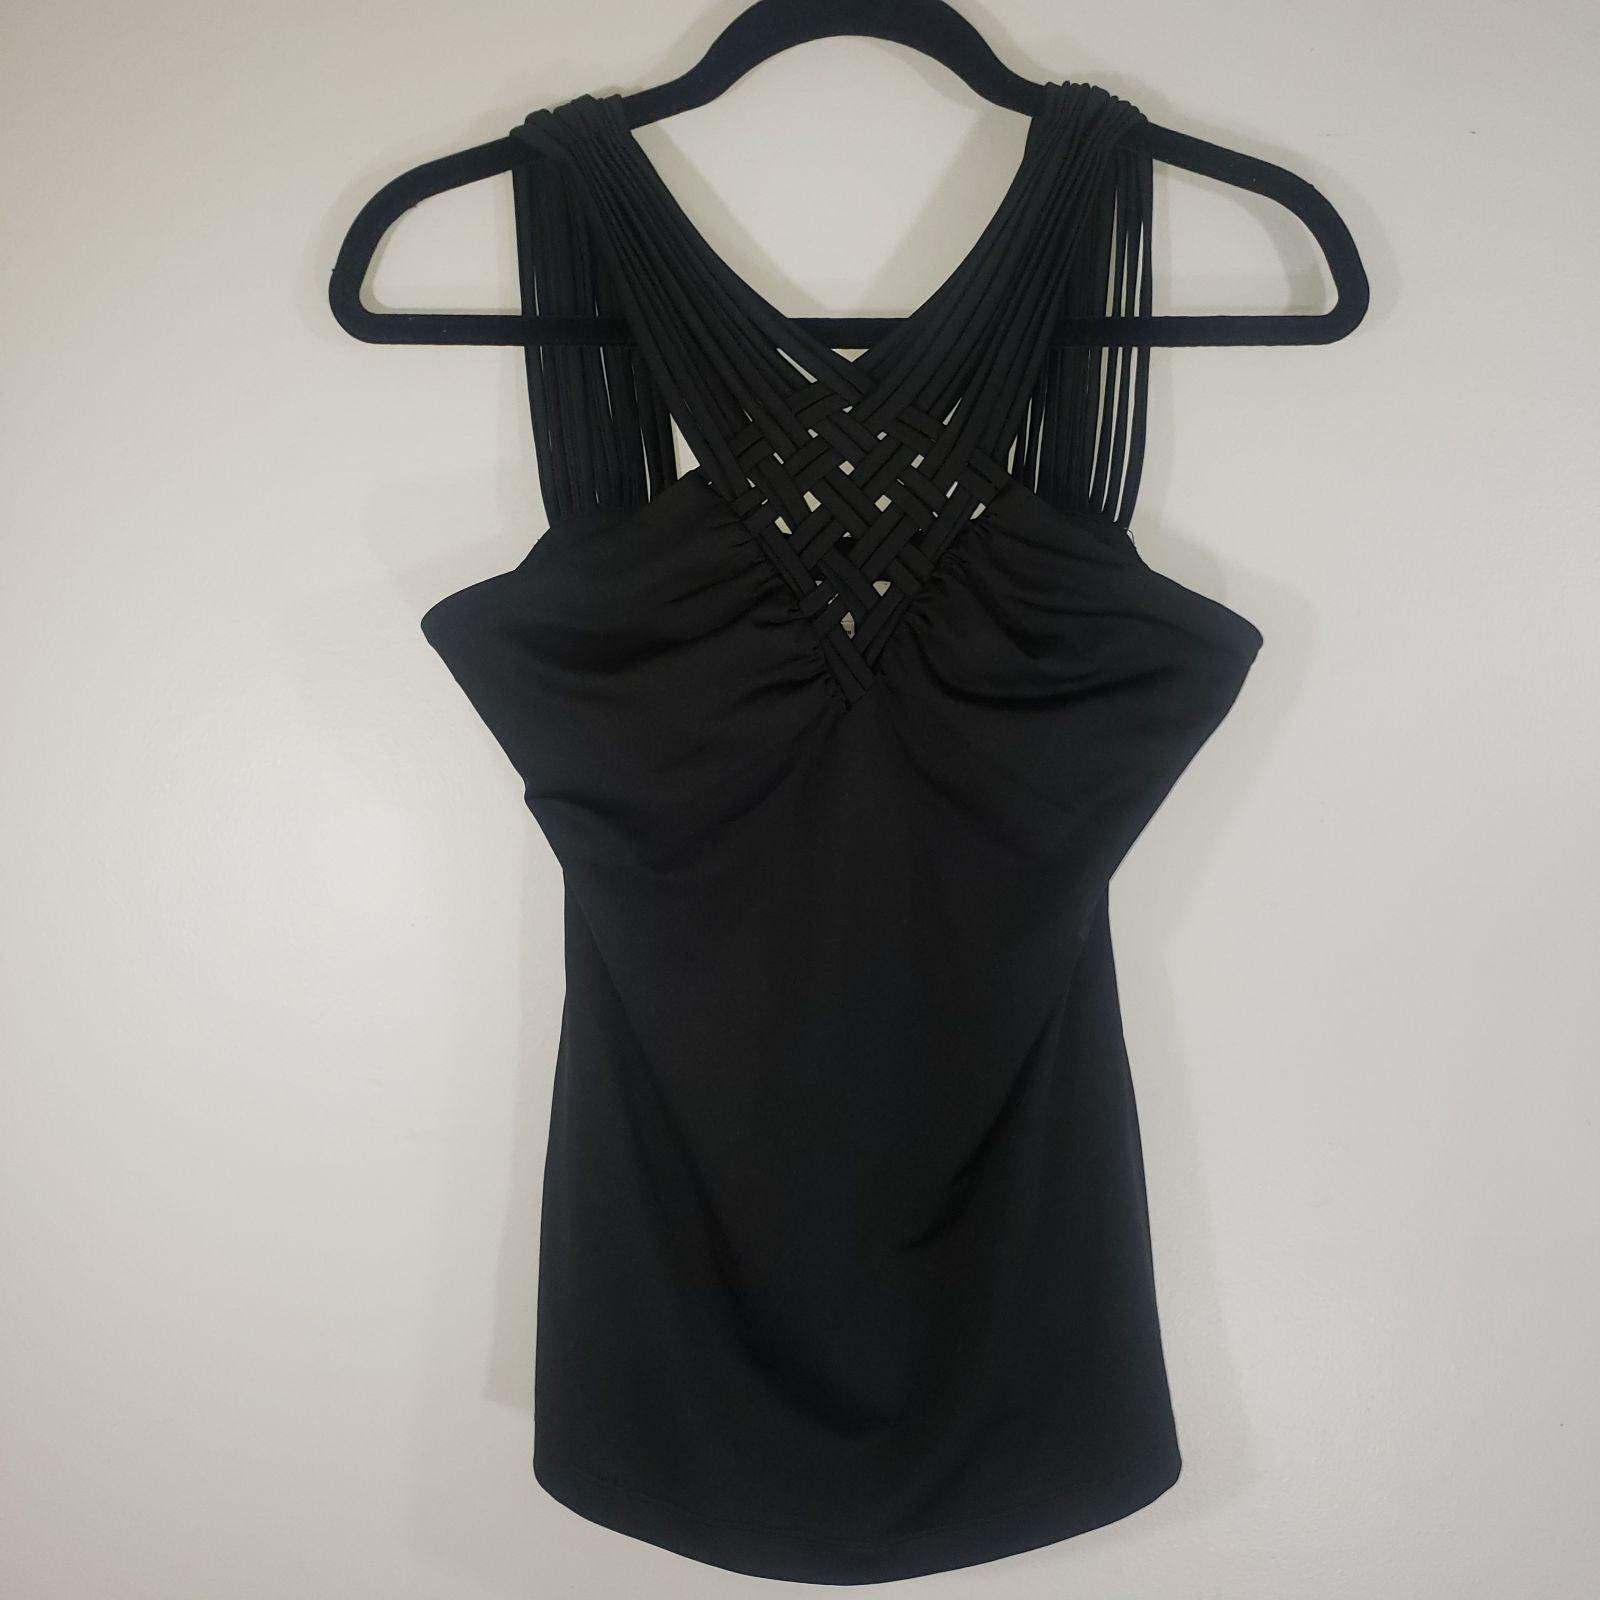 CACHE braided multi-strap black top